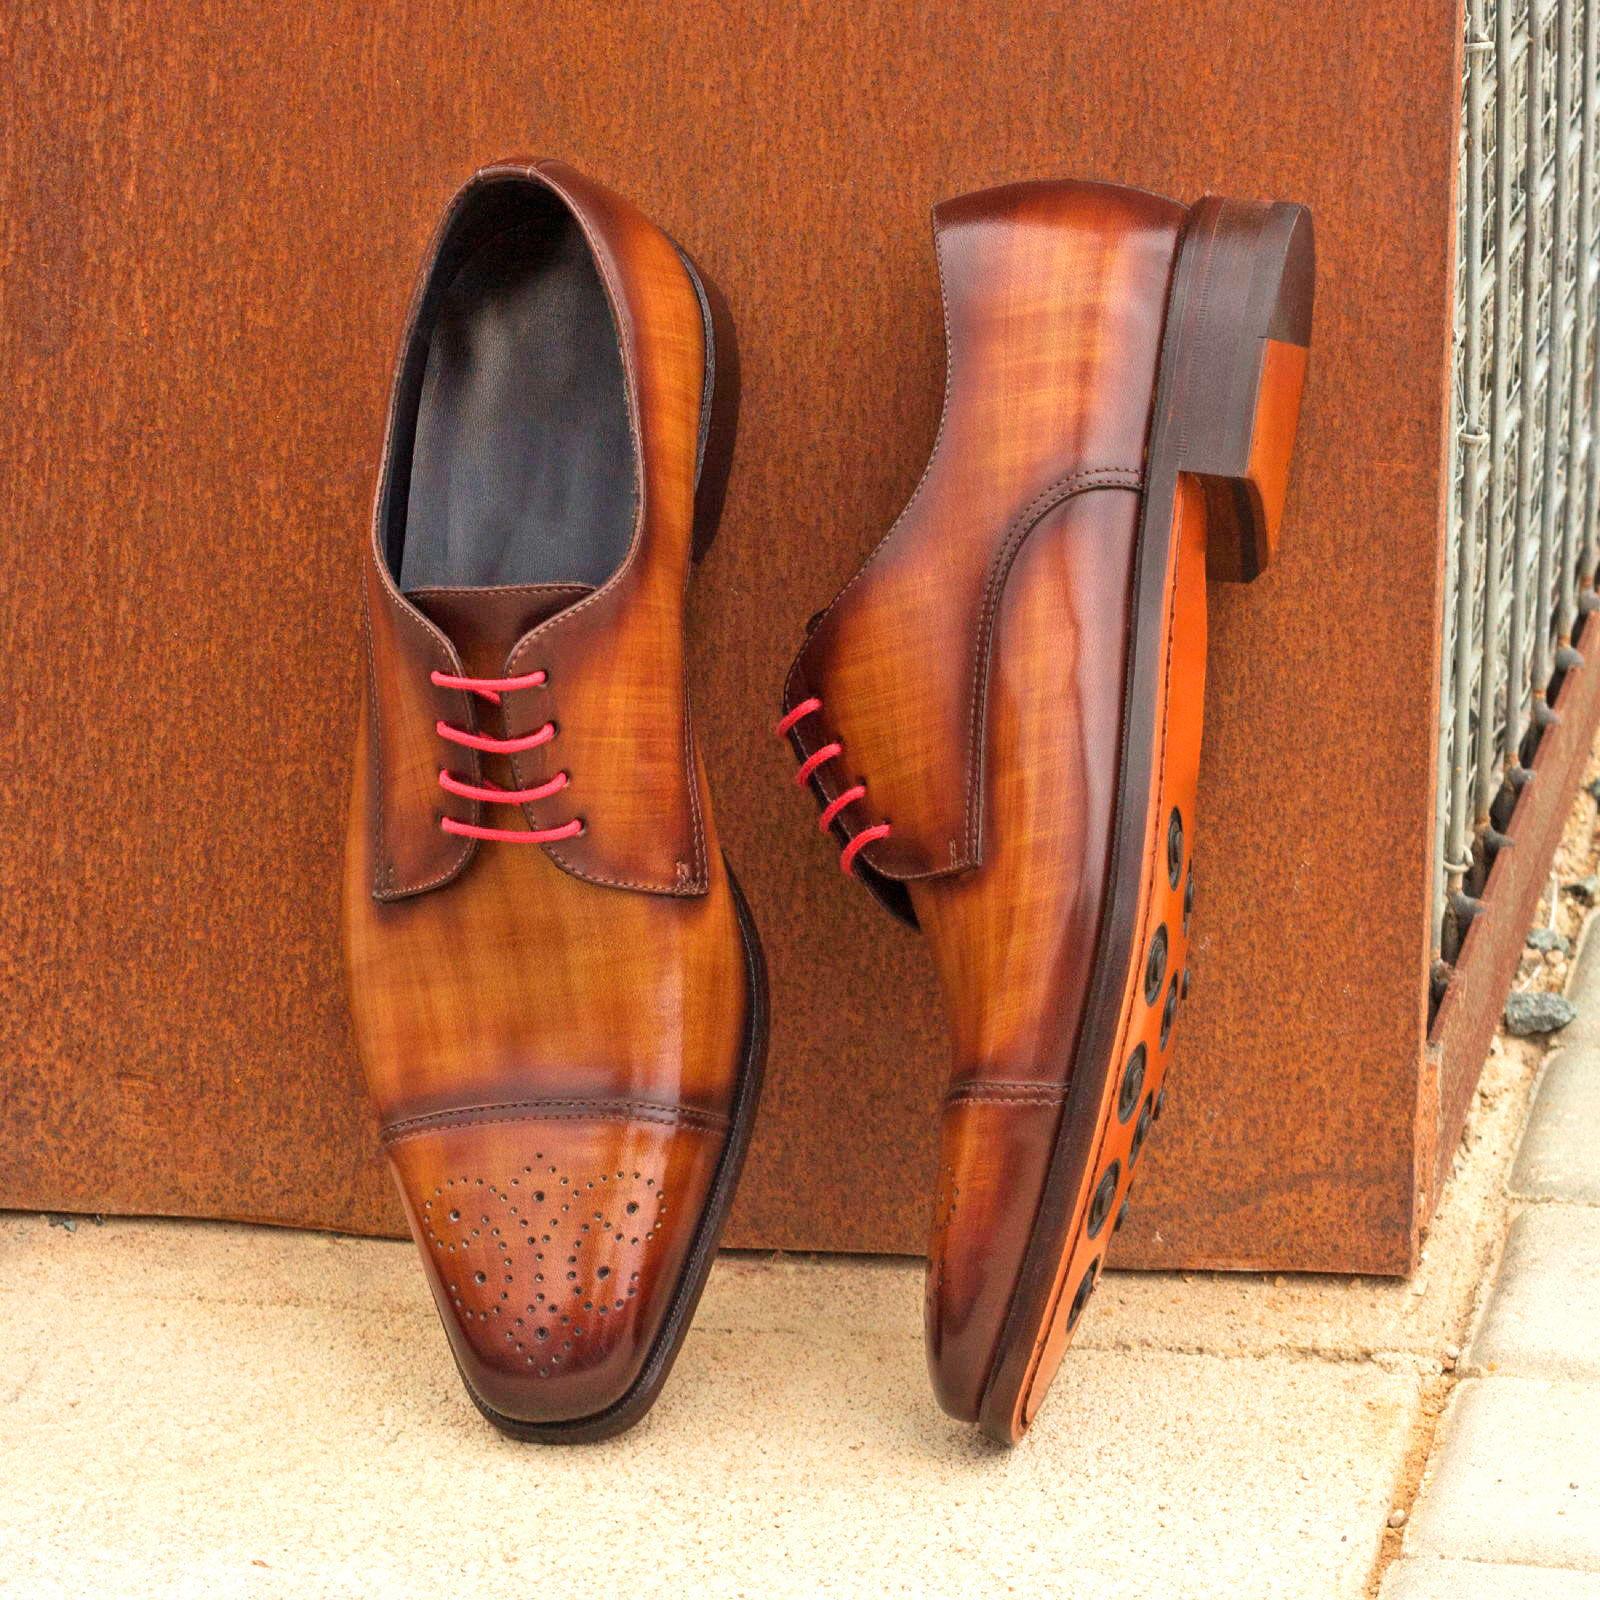 Les différences entre les chaussures richelieu et derbies homme et femme